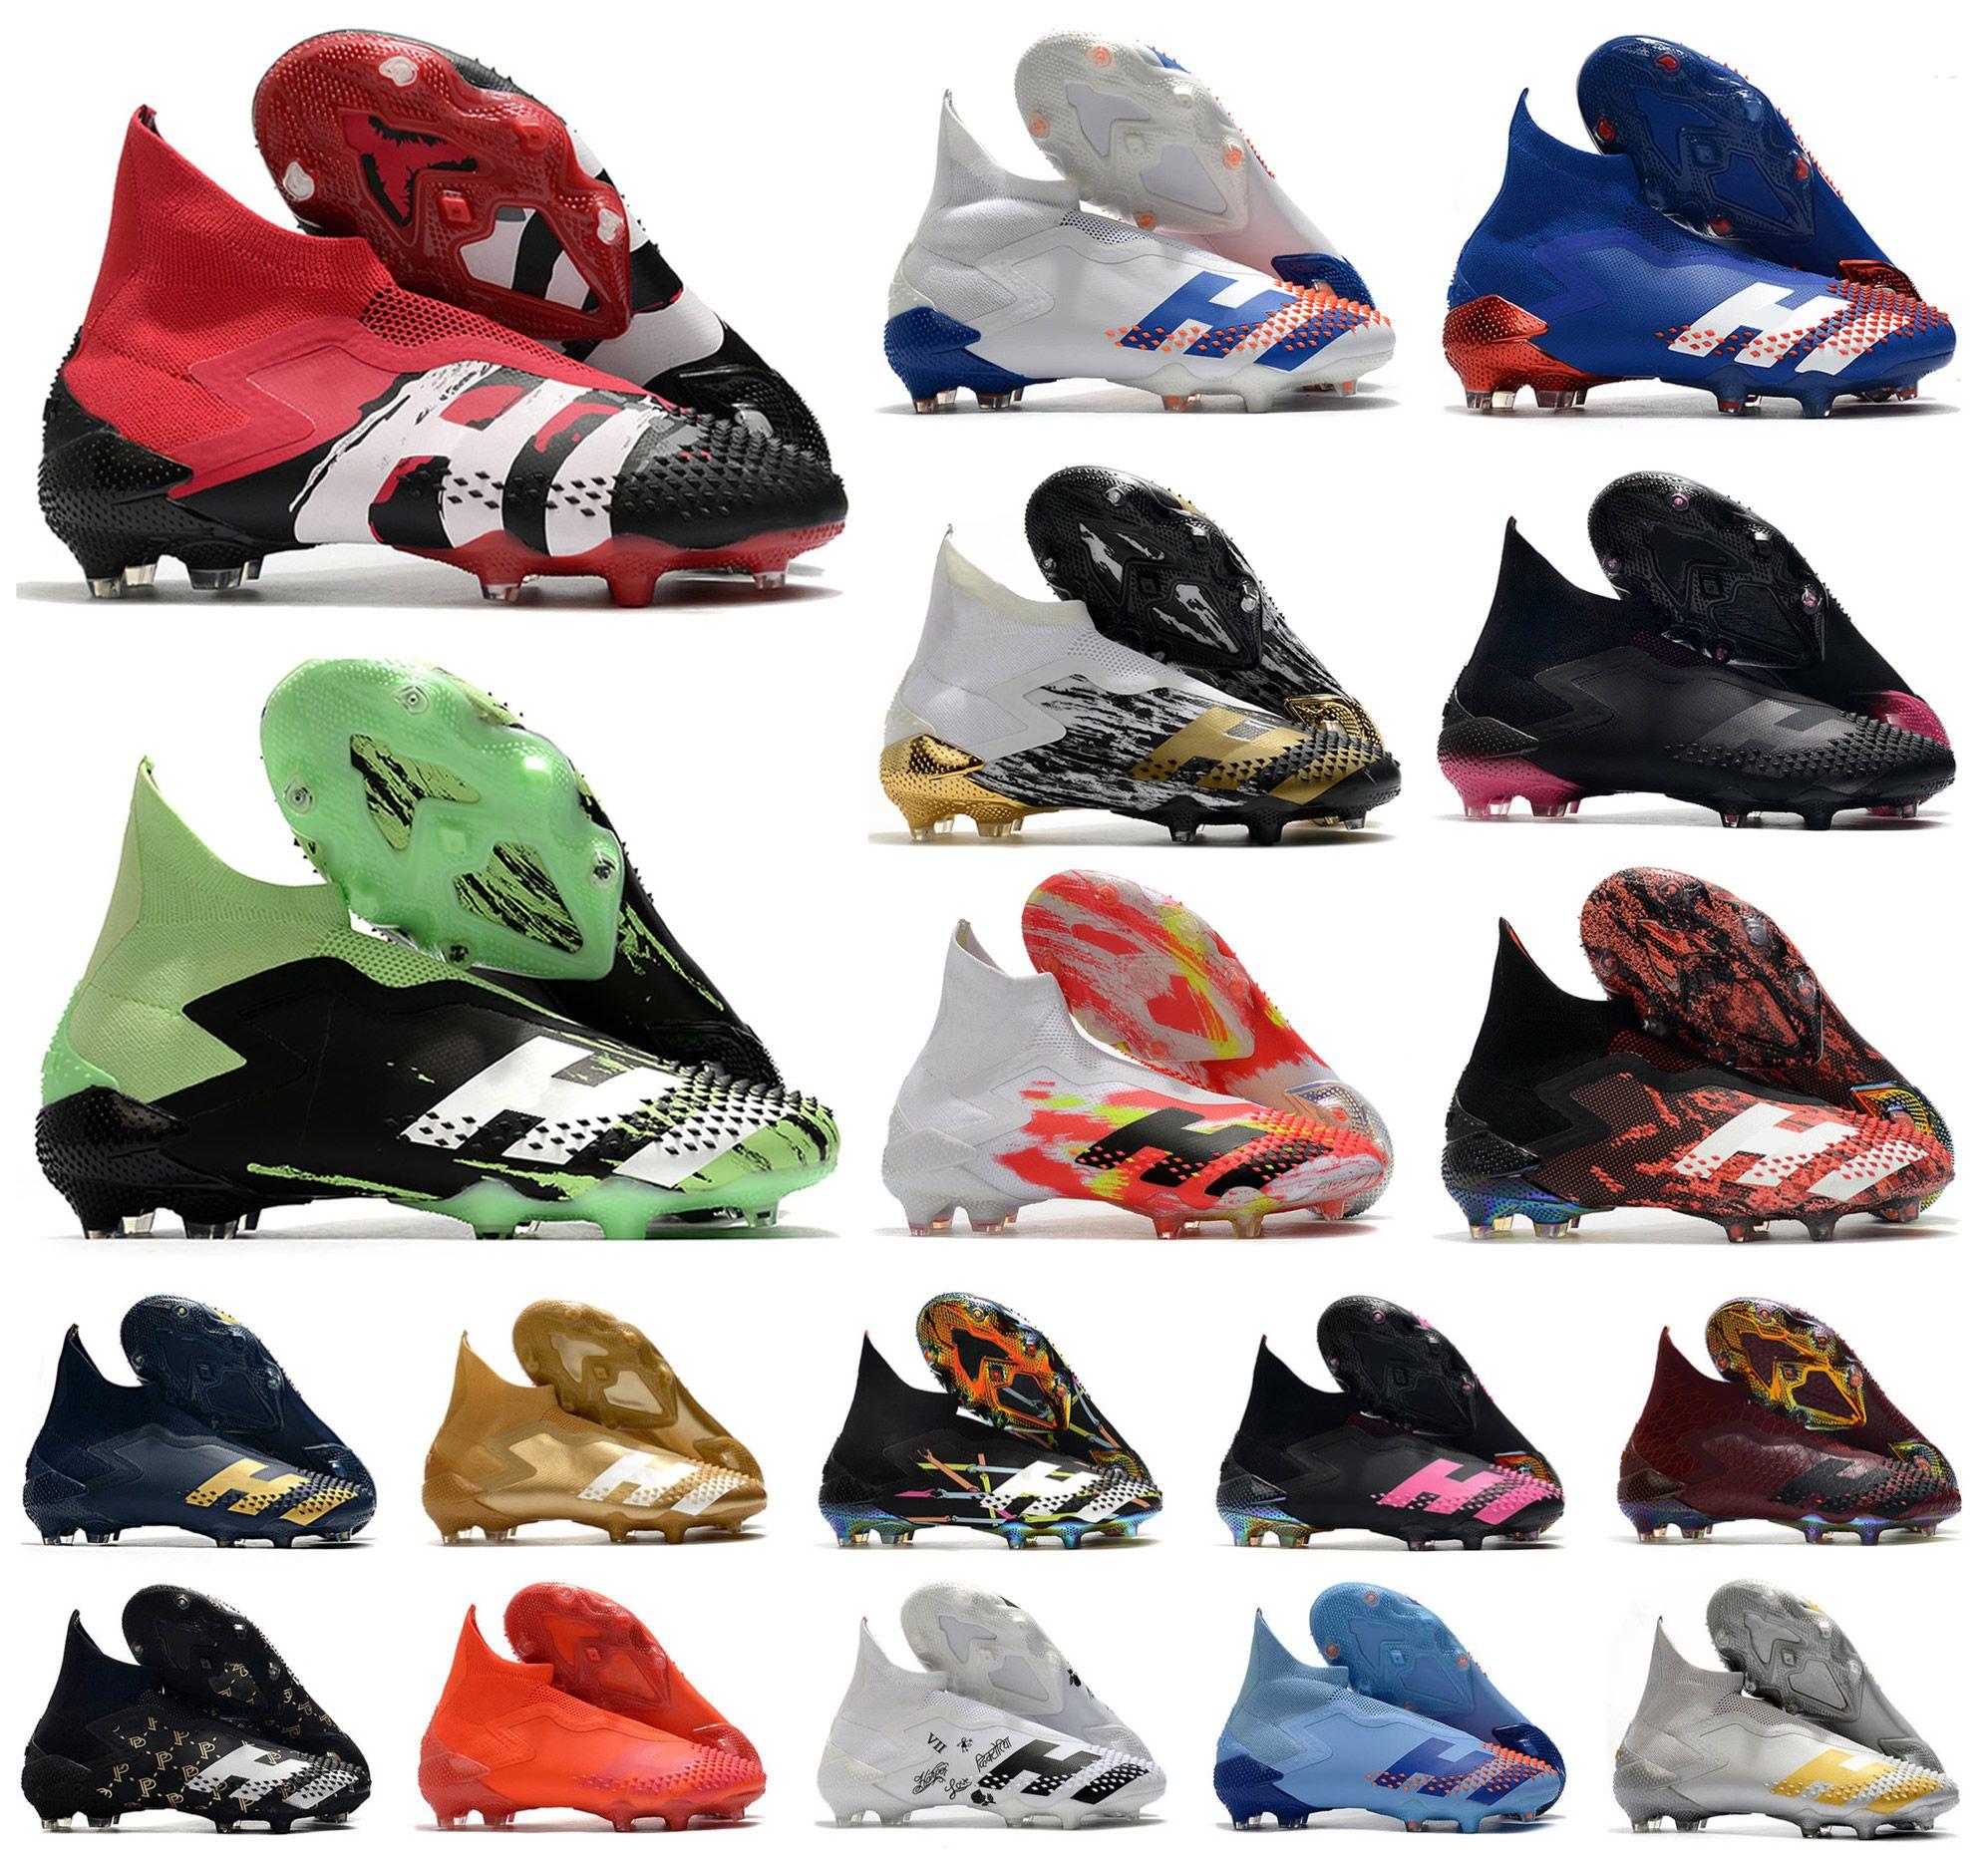 2020 المعتوية المفترس 20+ FG الإنسان سباق نفخ السماء تينت pp pow pogba رجل الفتيان الانزلاق على كرة القدم أحذية كرة القدم 20 + × المرابط الأحذية US6.5-11